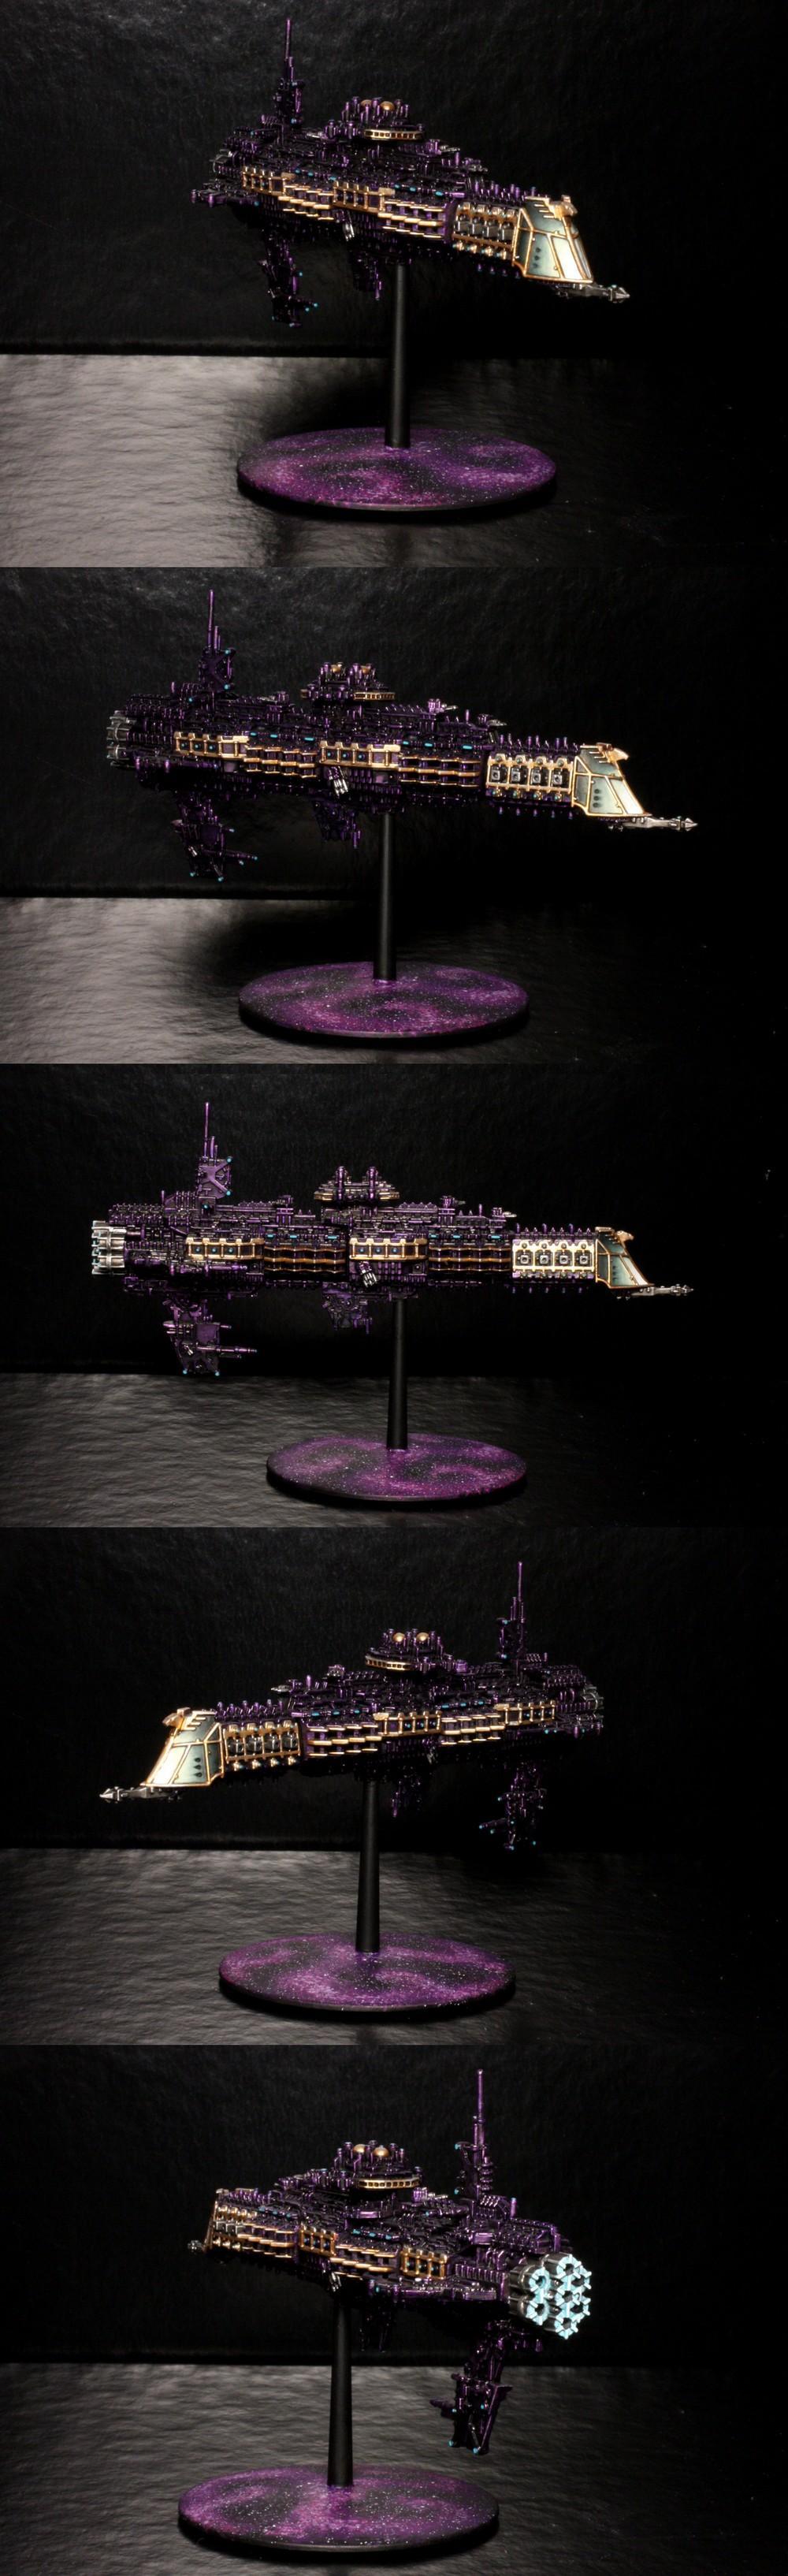 Battlefleet, Emperor, Gothic, Imperial, Navy, Prow, Purple, Wesselstein